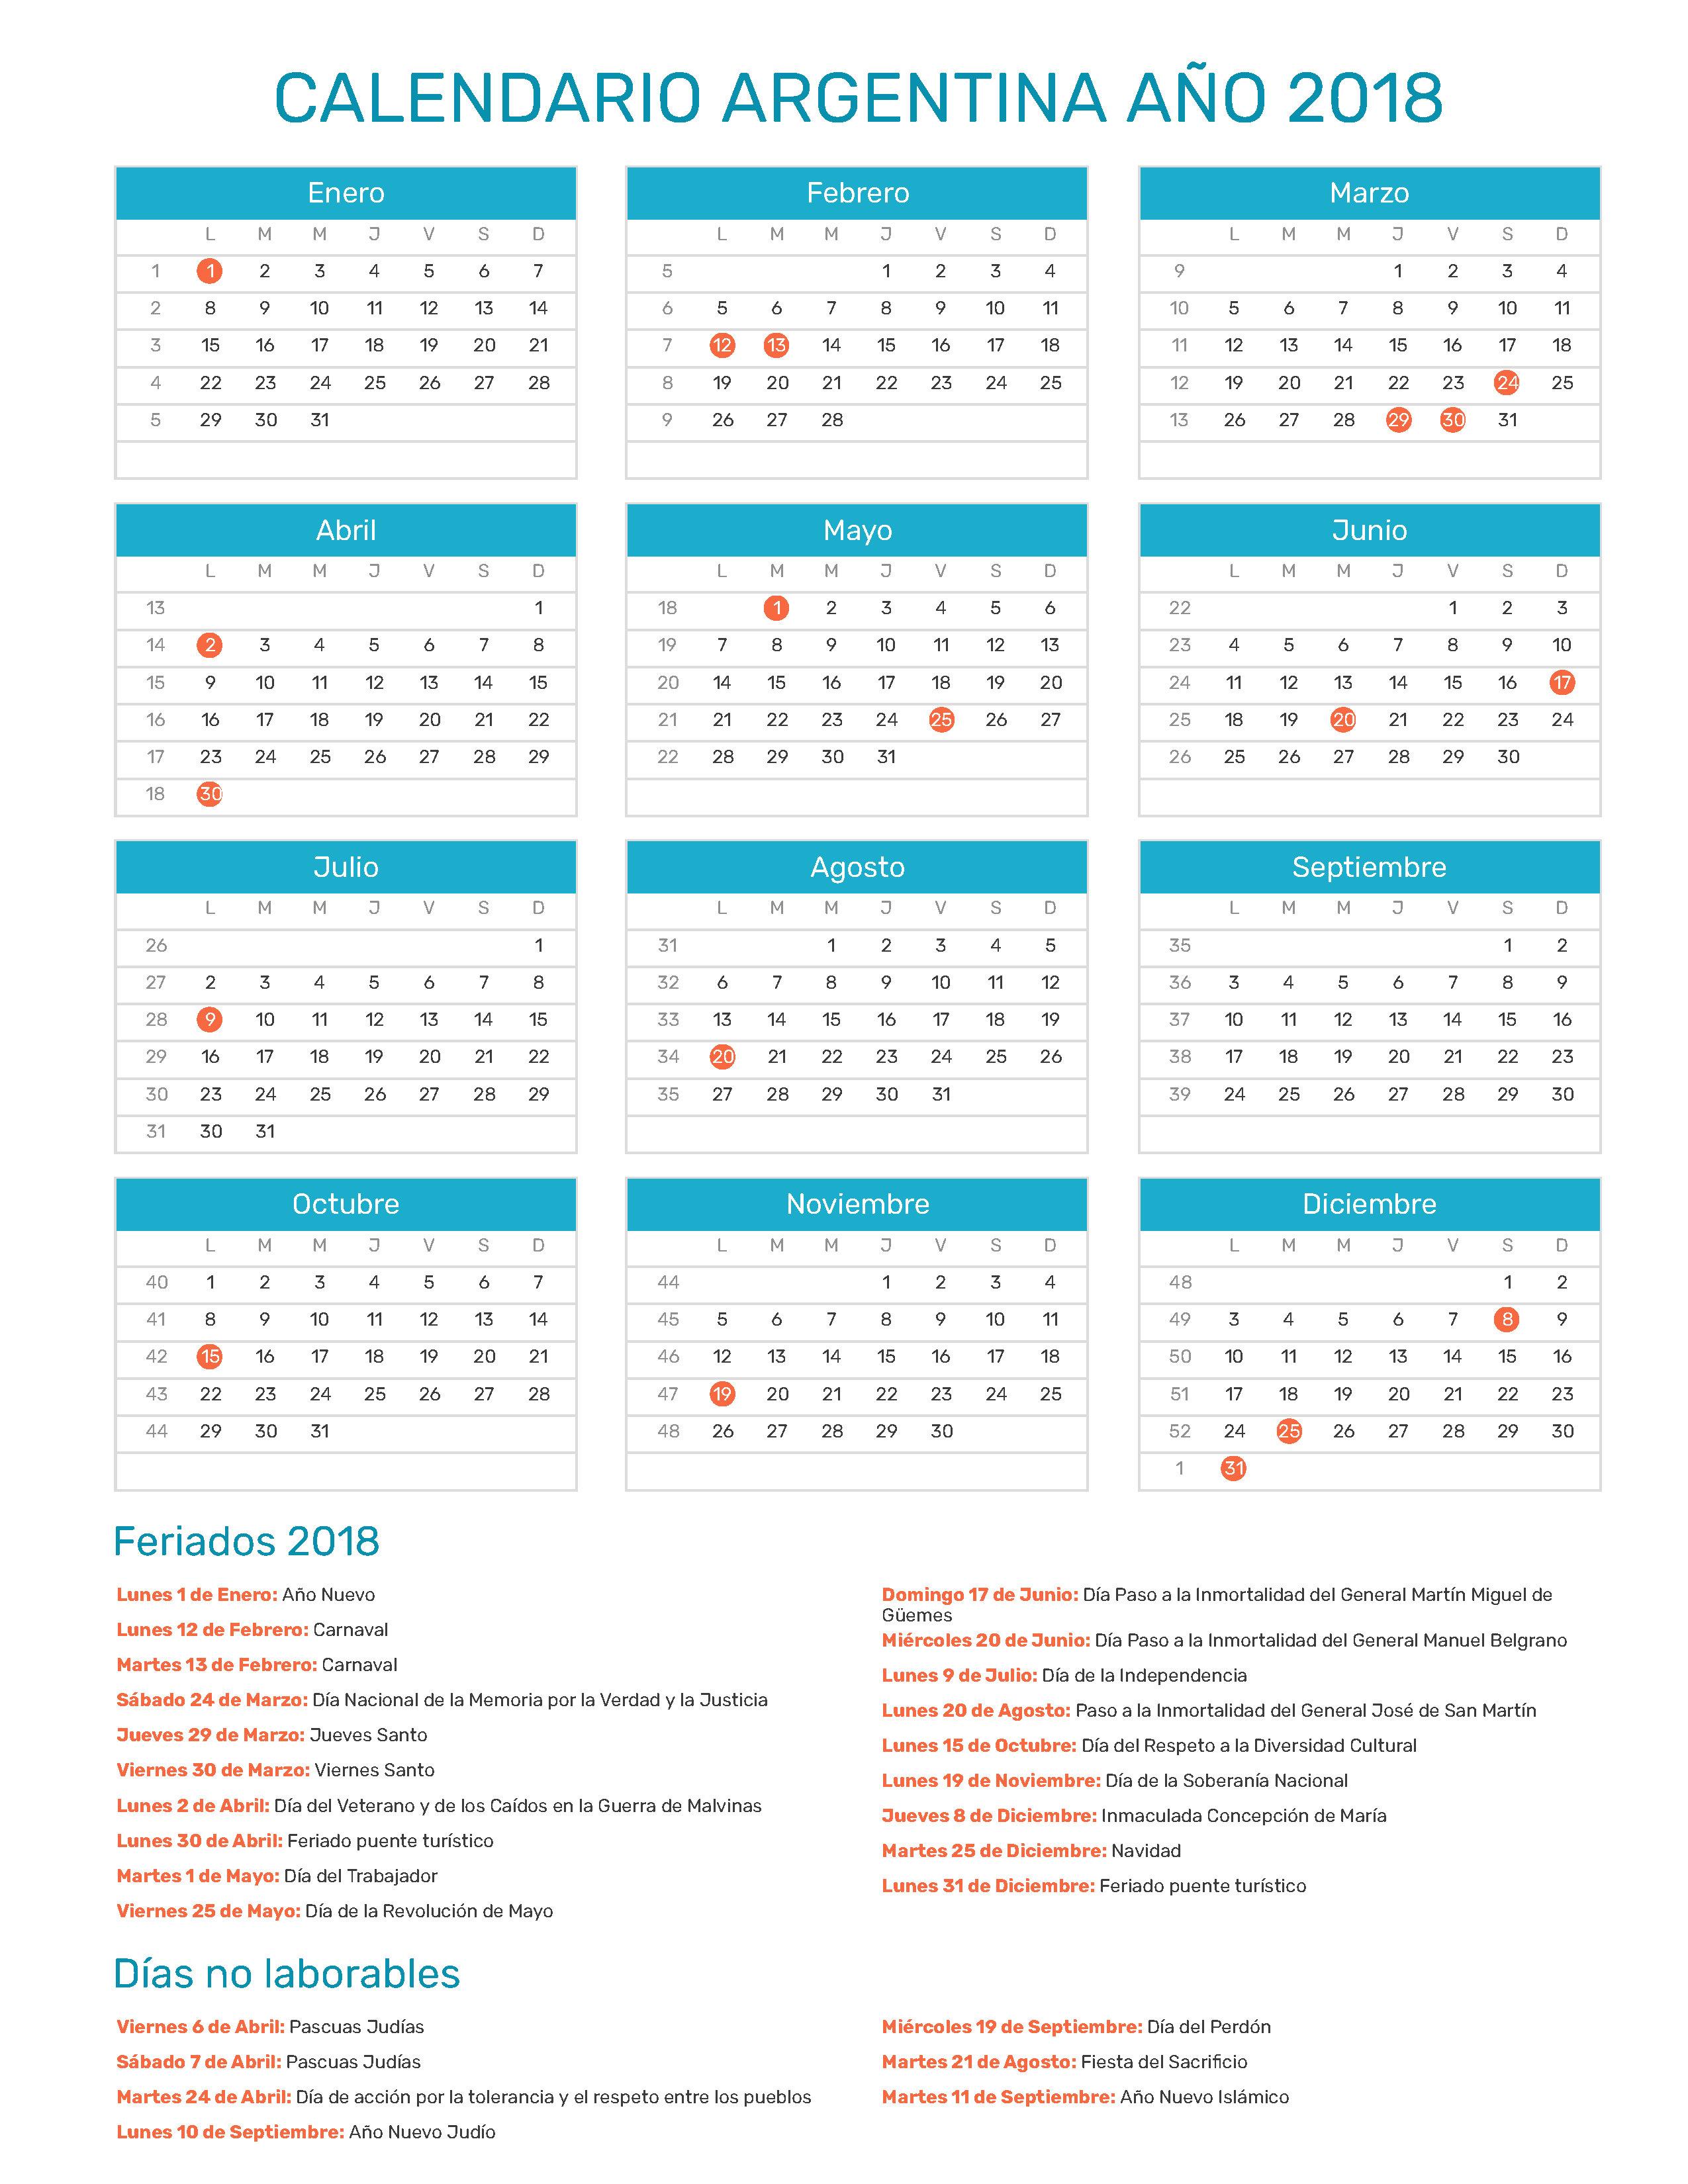 Calendario Diciembre 2018 Argentina.Calendario De Argentina Ano 2018 Feriados